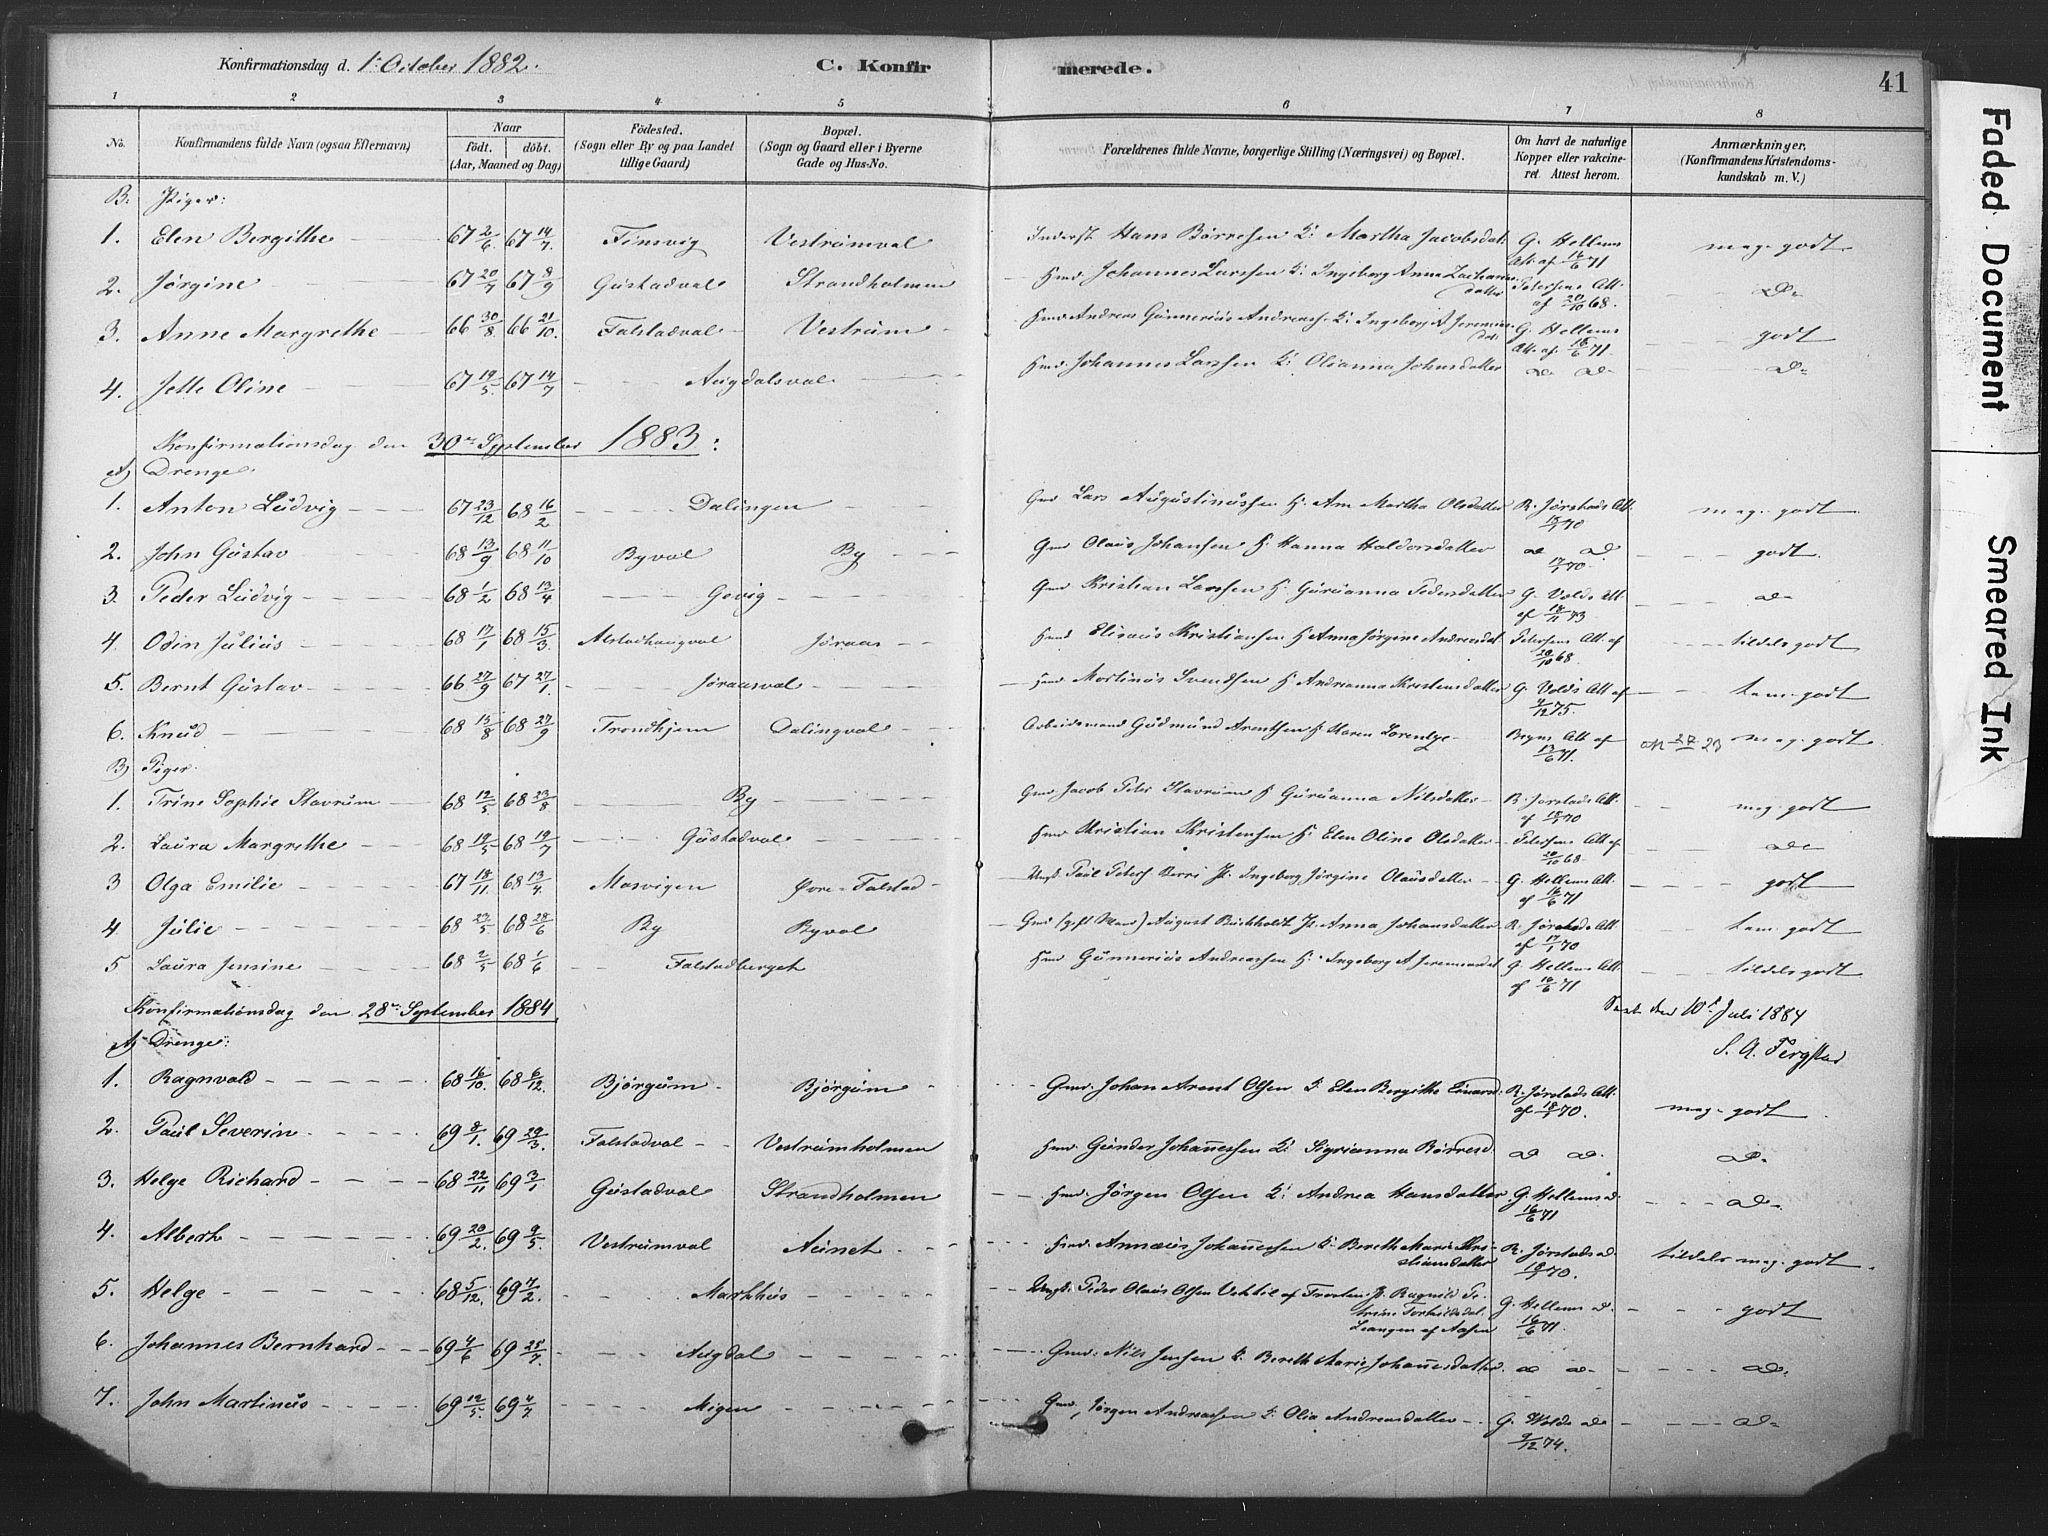 SAT, Ministerialprotokoller, klokkerbøker og fødselsregistre - Nord-Trøndelag, 719/L0178: Ministerialbok nr. 719A01, 1878-1900, s. 41